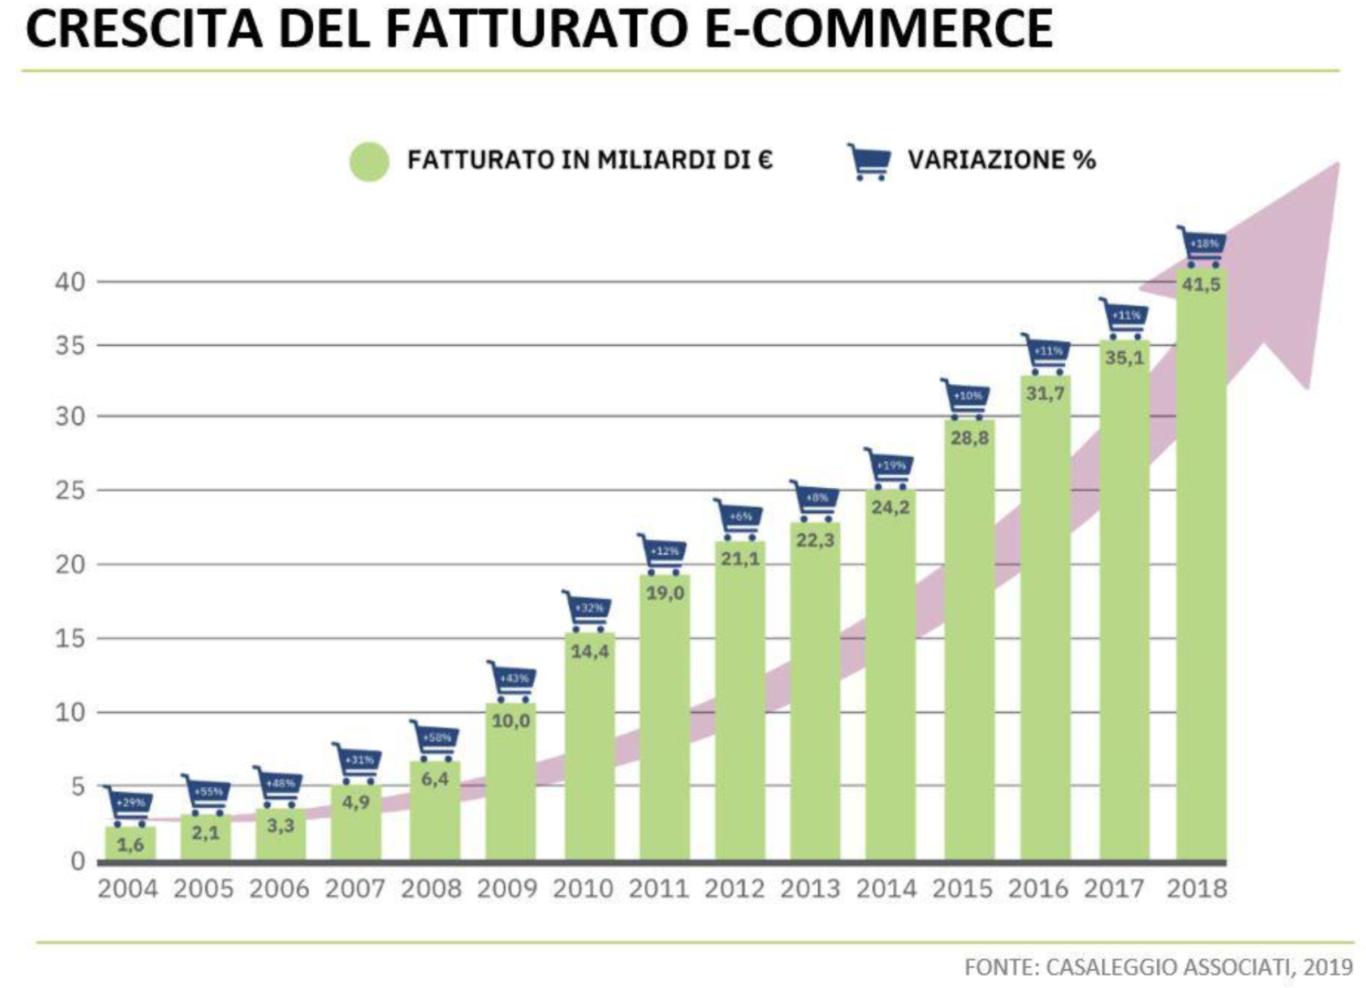 Crescita delle vendite online dal 2004 al 2018.